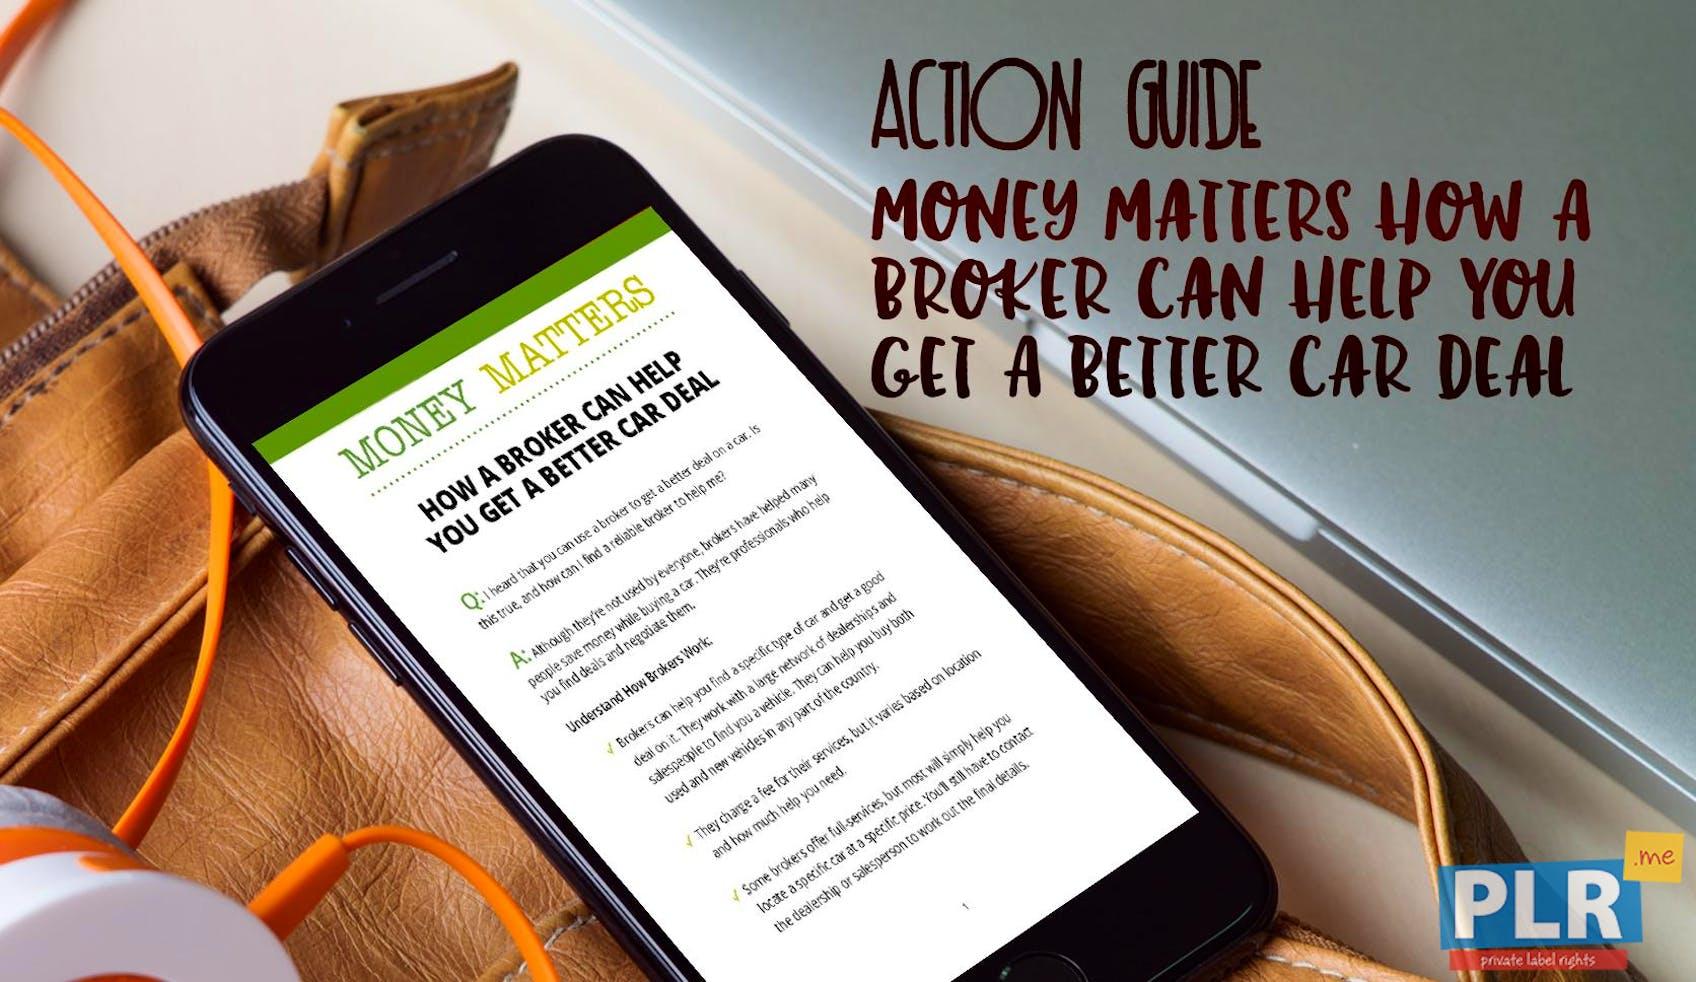 Money Matters How A Broker Can Help You Get A Better Car Deal